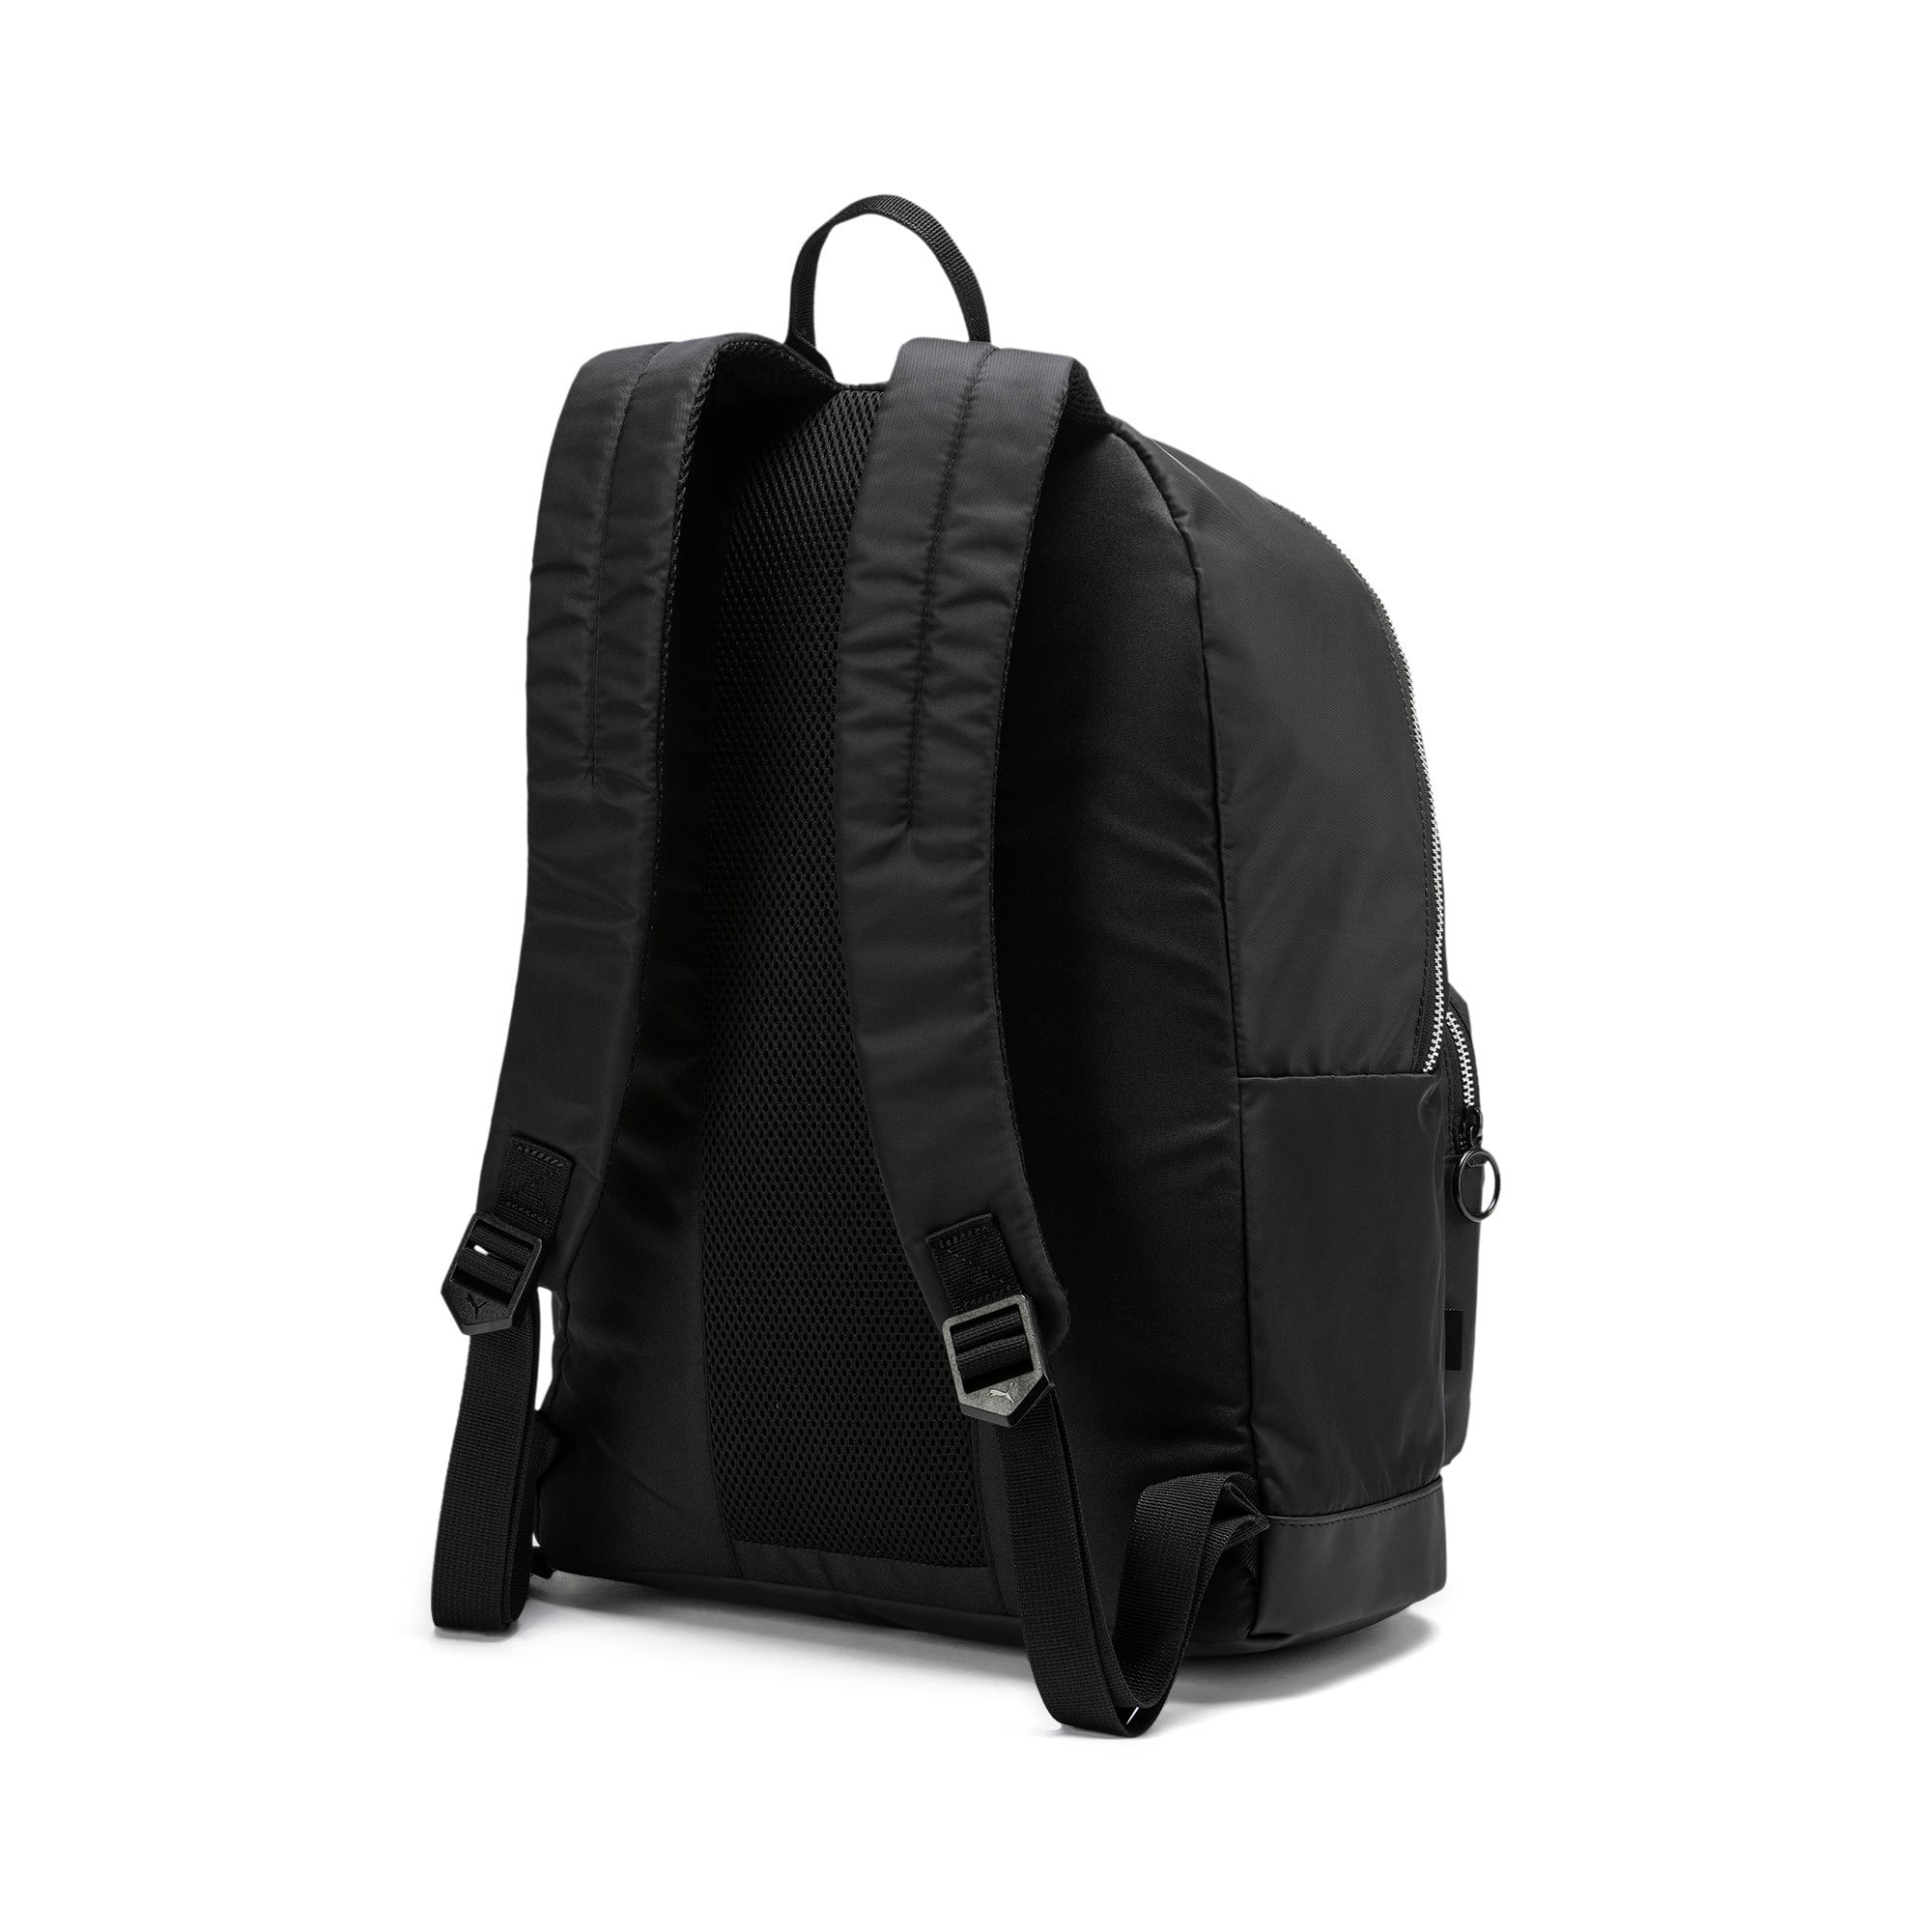 Thumbnail 3 of Originals Trend Backpack, Puma Black, medium